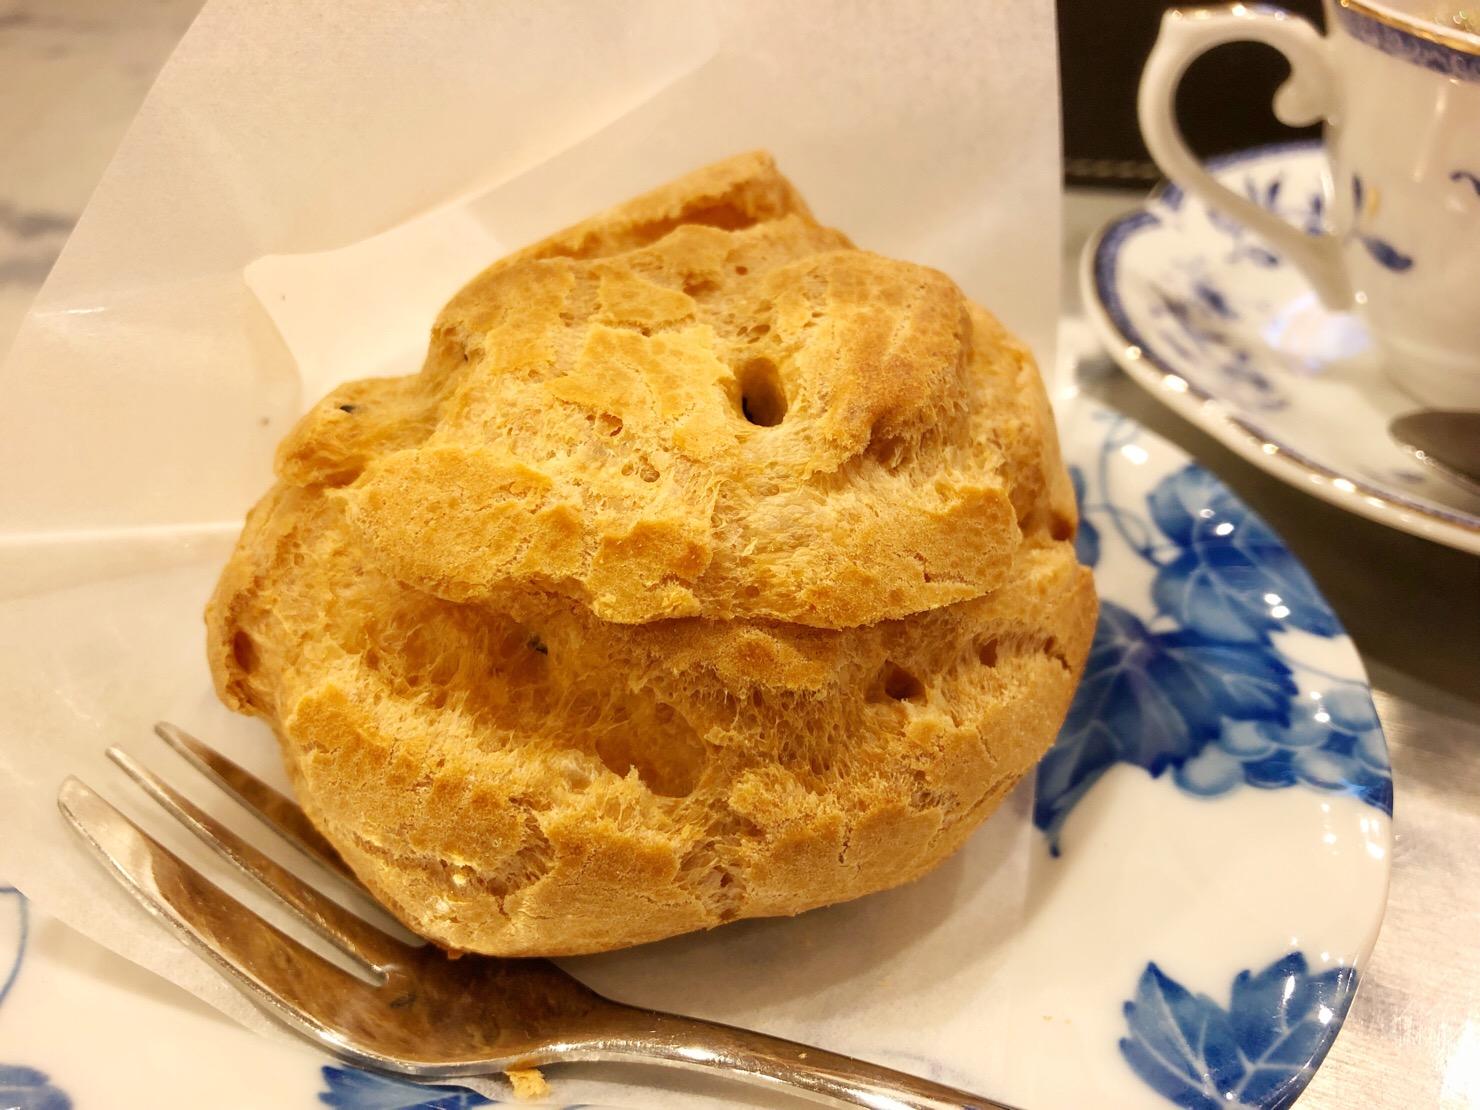 京都祇園「カフェ牛若丸」のシュークリームを食べてみた